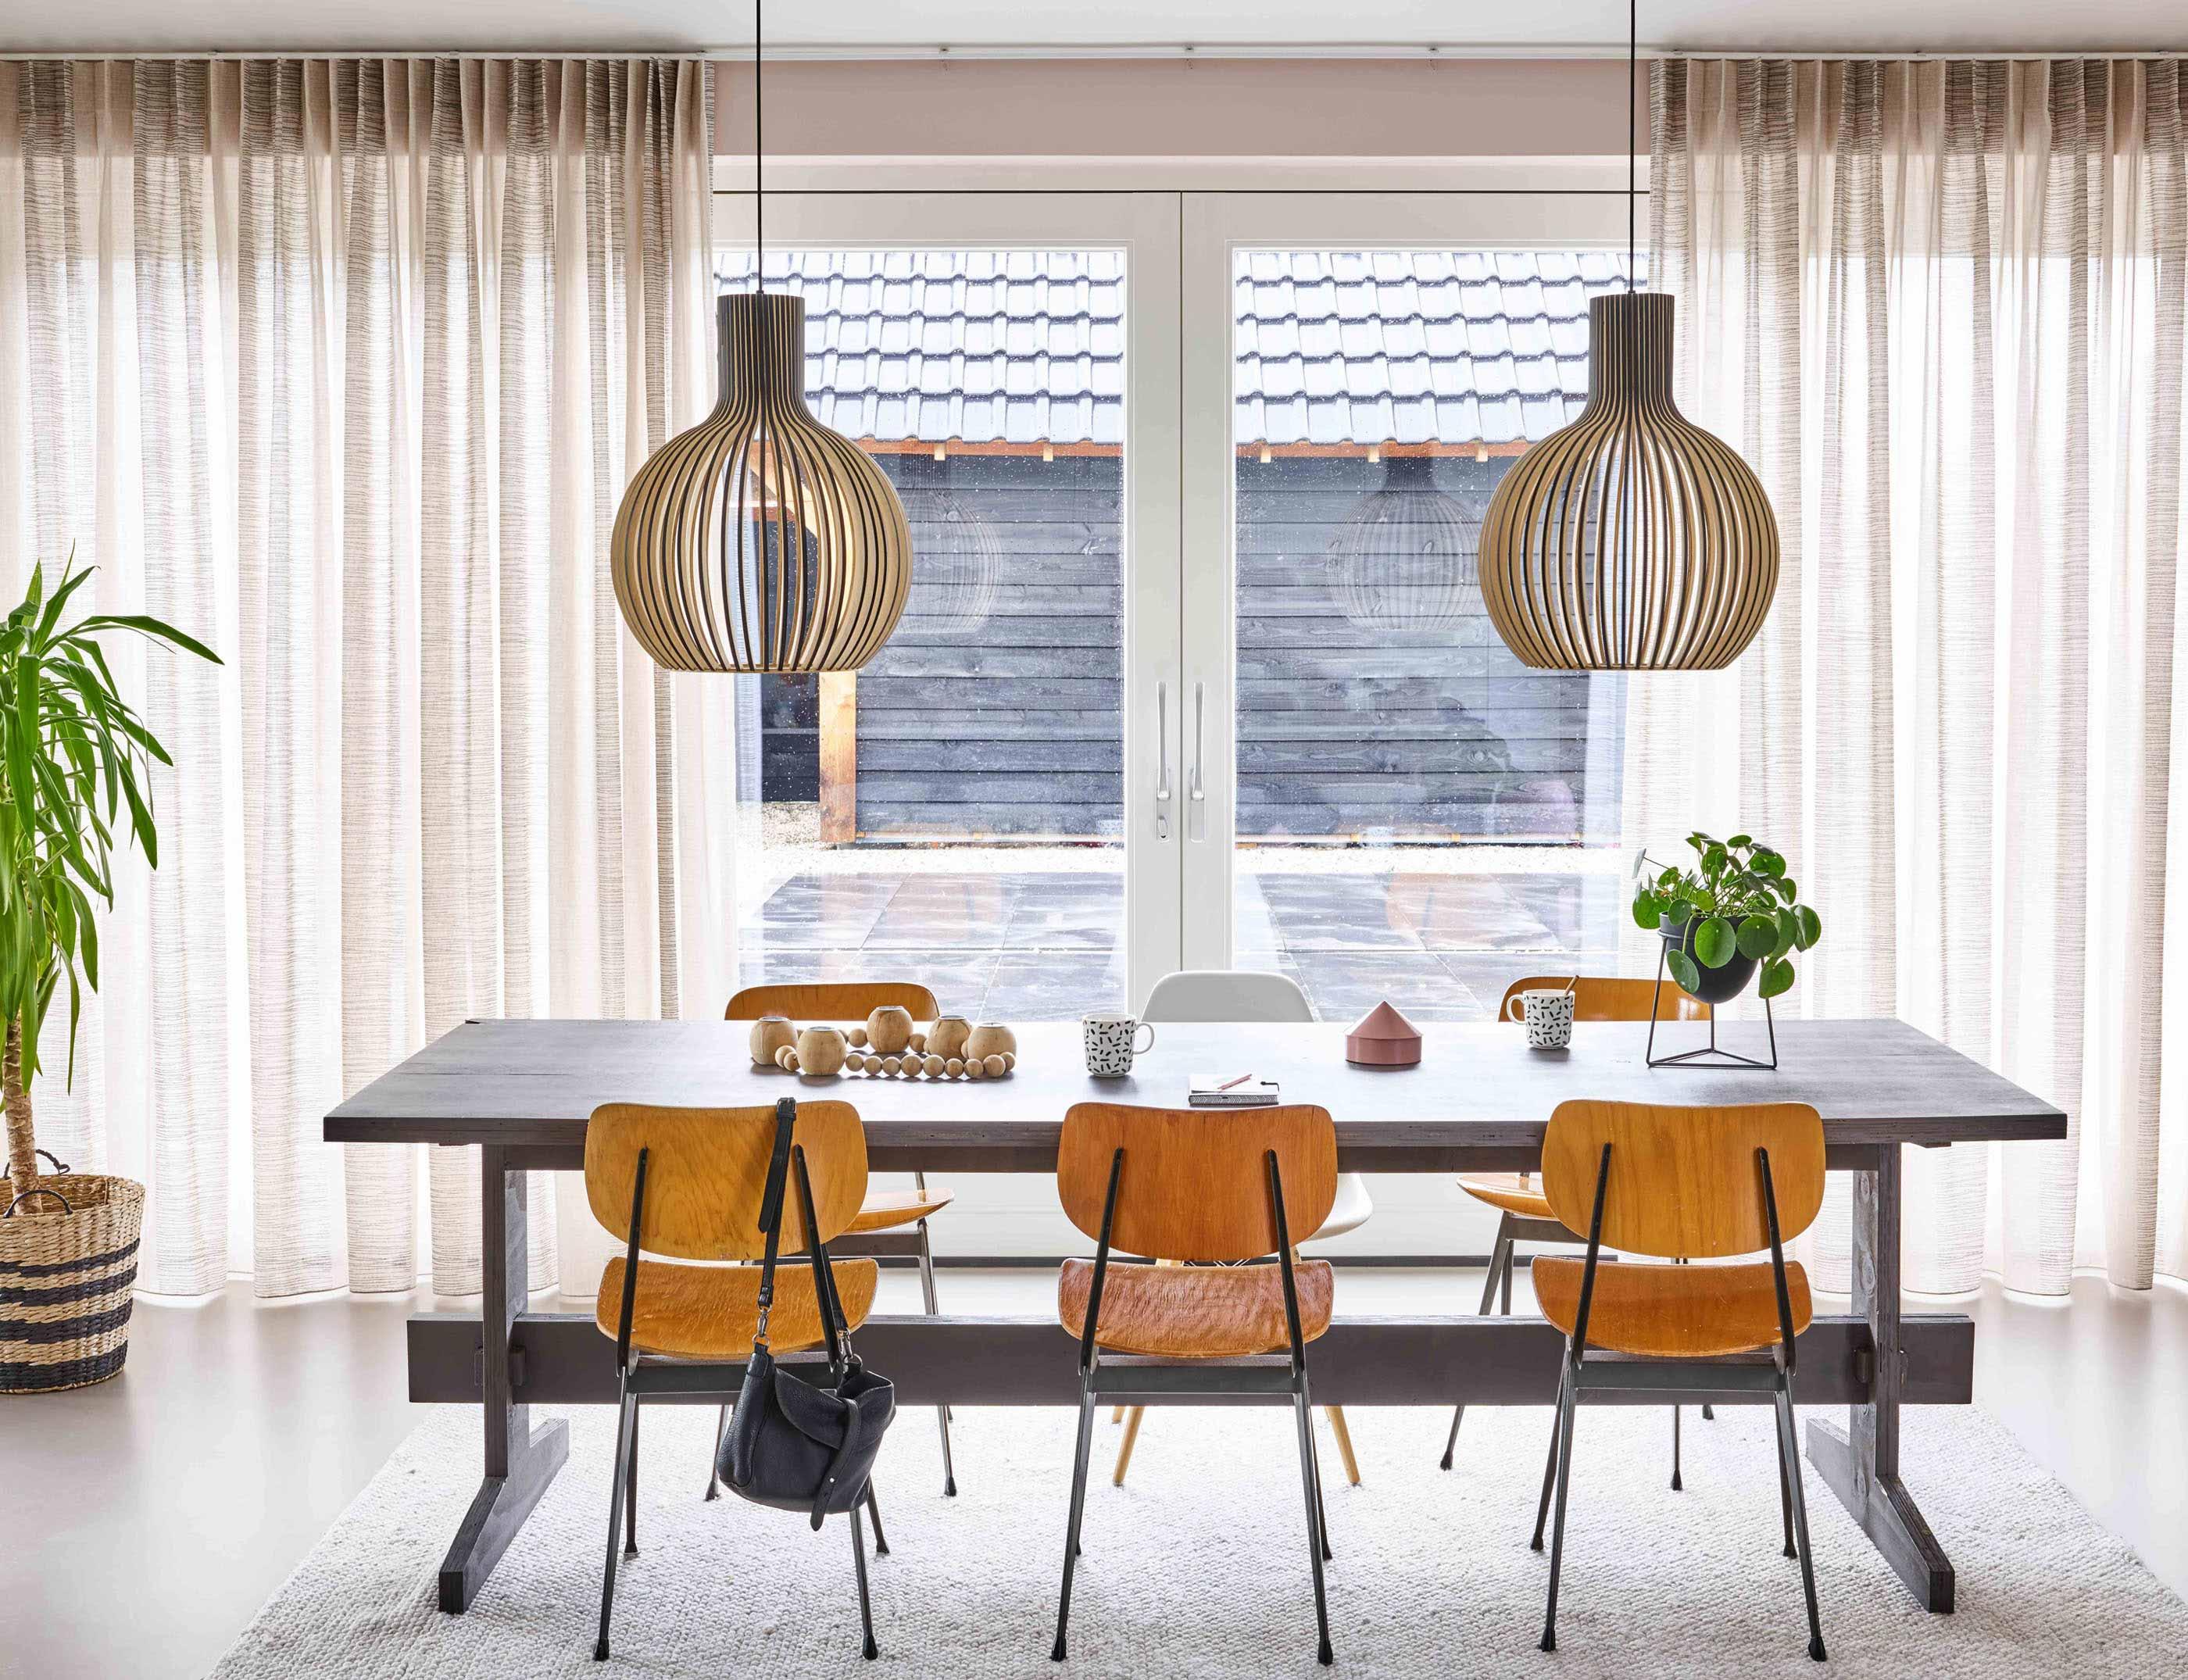 Roobol Tapijt Vloerkleden : Hoe tapijt ophangen smid interieur house of happiness inbetween